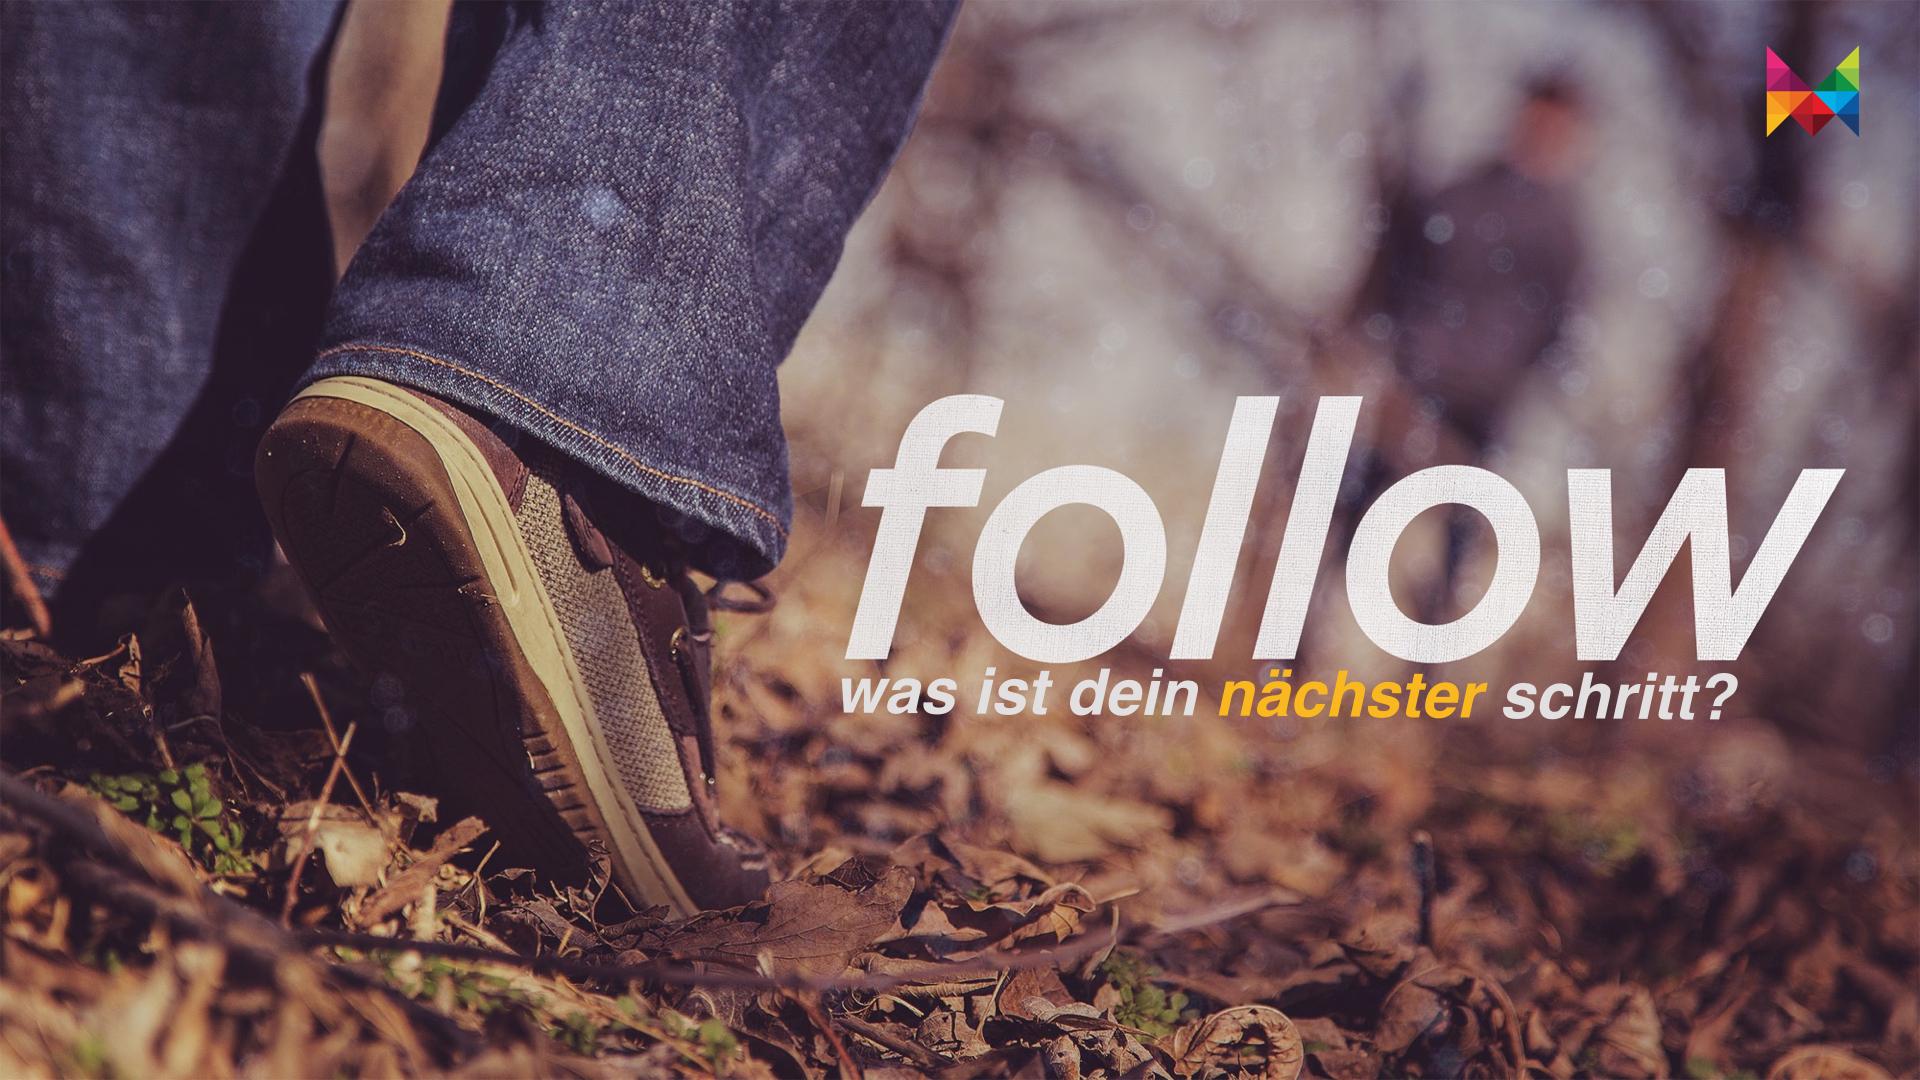 FOLLOW. Was ist dein nächster Schritt? // Ein kleiner Schritt für den Menschen, ein großer Schritt für die Menschheit!